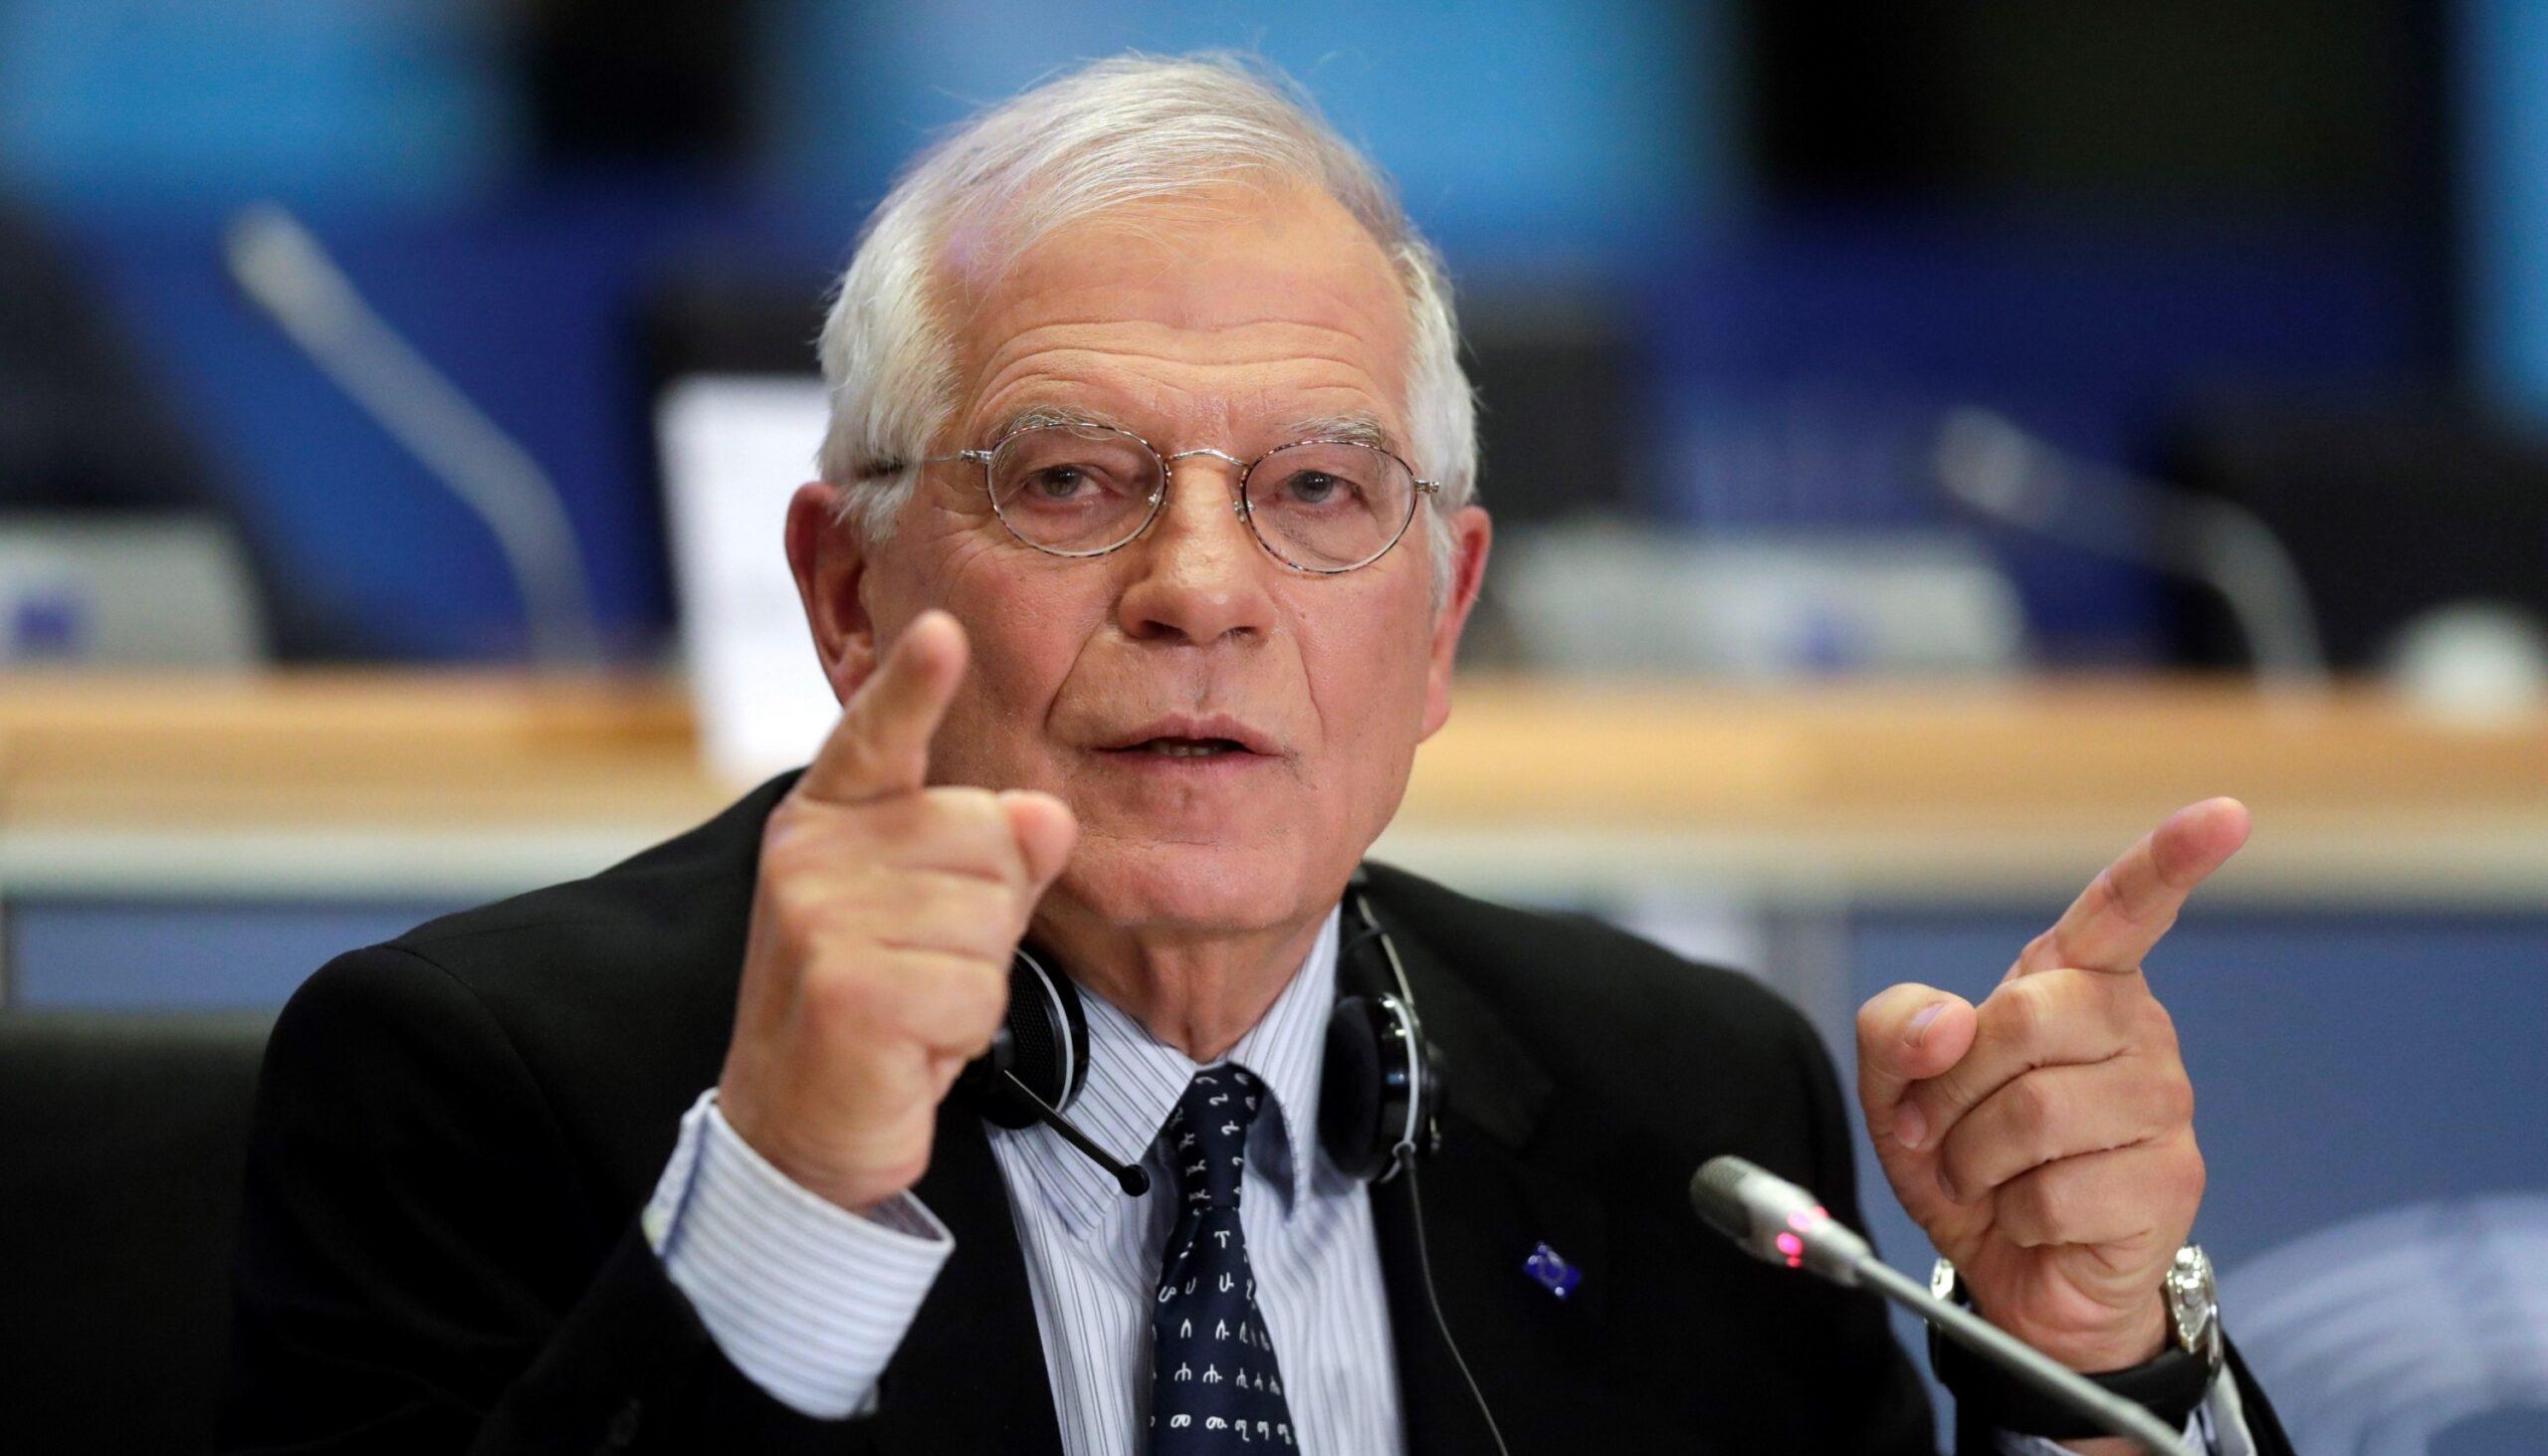 Llamado mundial: Más de 450 organizaciones piden respeto para Venezuela del Parlamento europeo